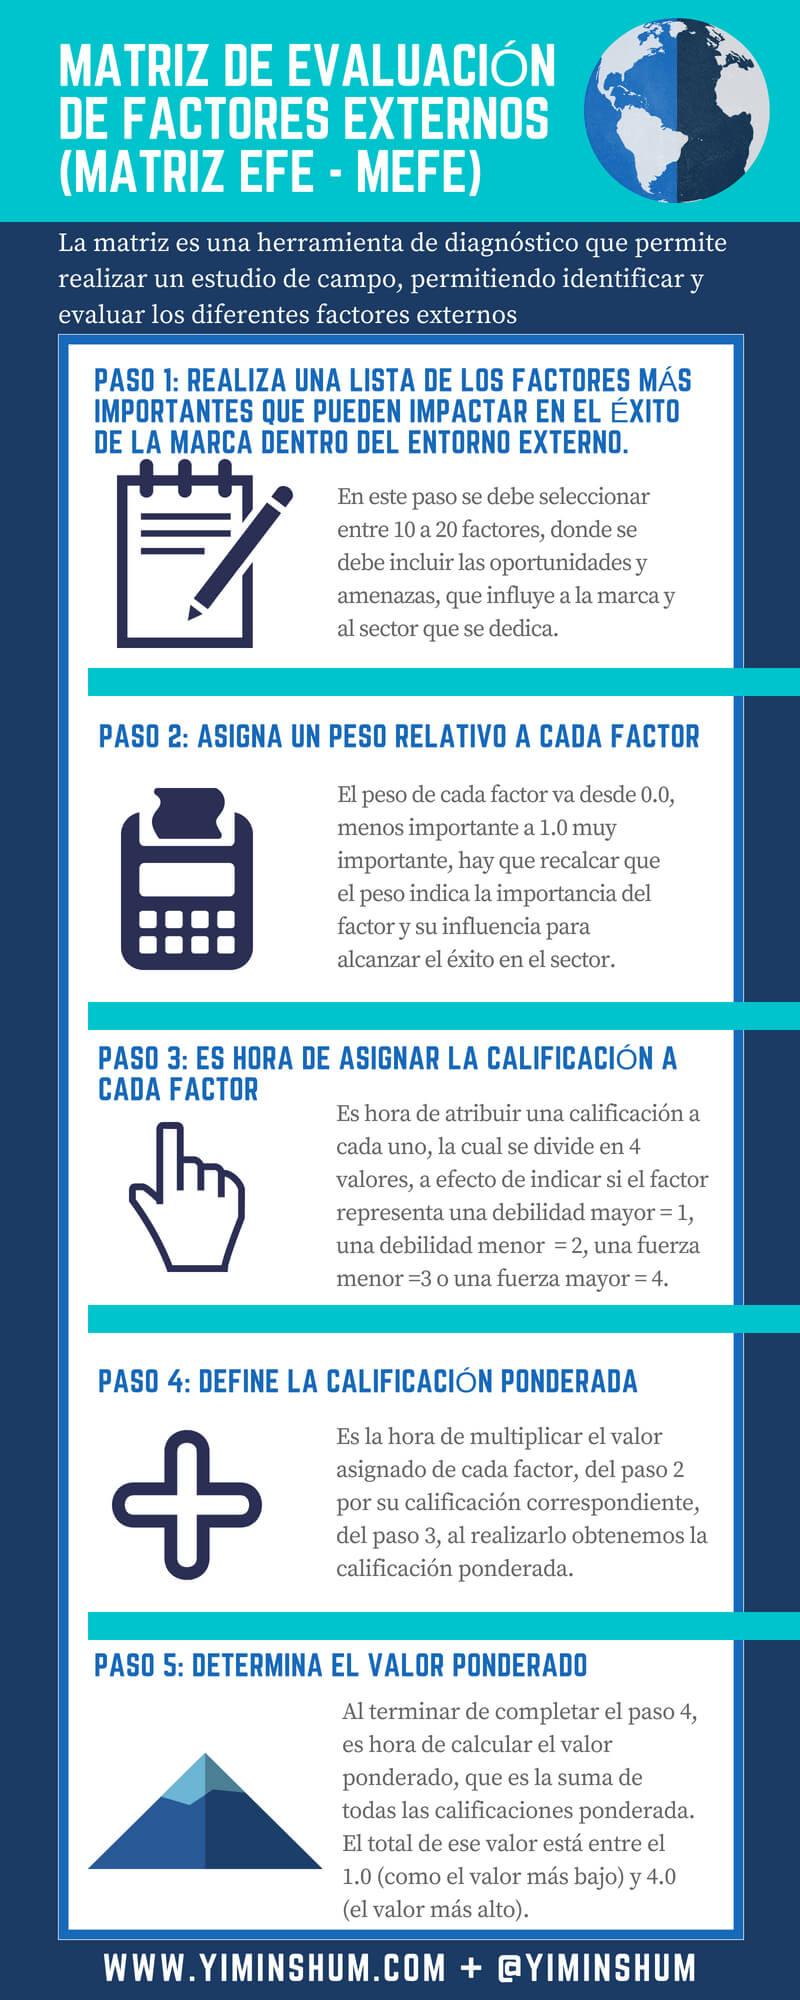 MATRIZ DE EVALUACIÓN DE FACTORES EXTERNOS (MATRIZ EFE - MEFE) infografía